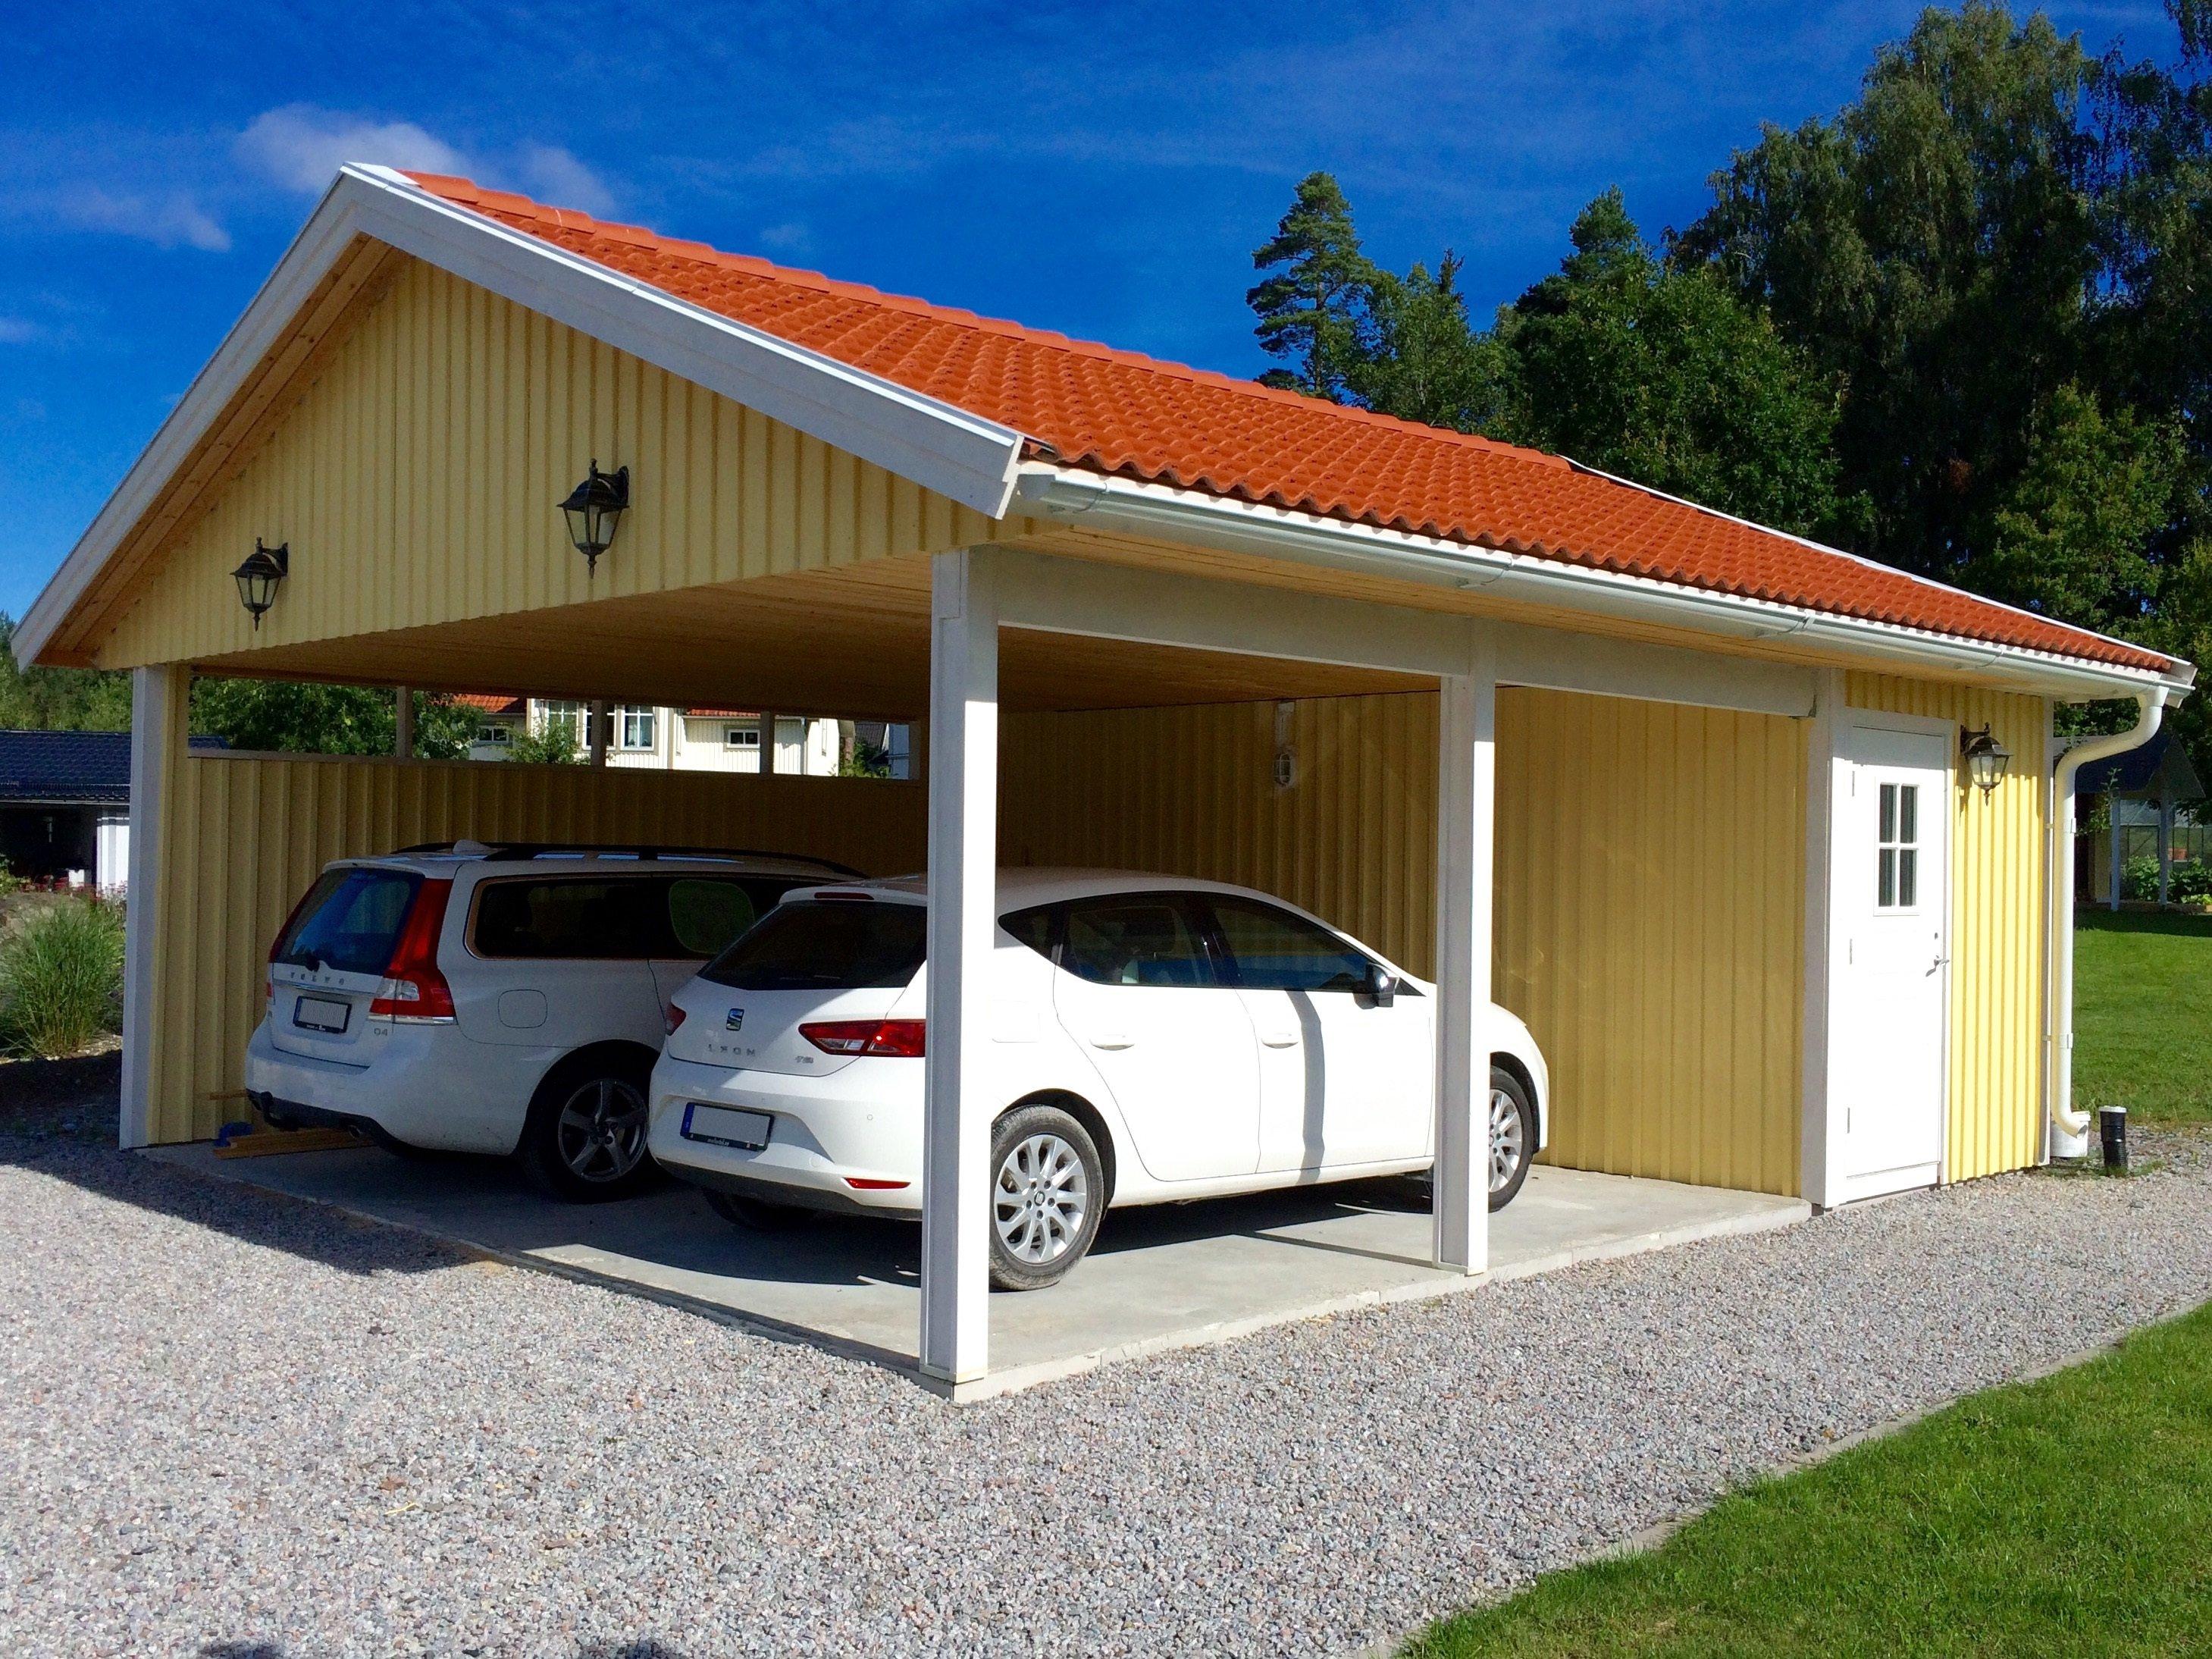 Bilder Carport bilder carport carport med garage carport med förråd lundqvist